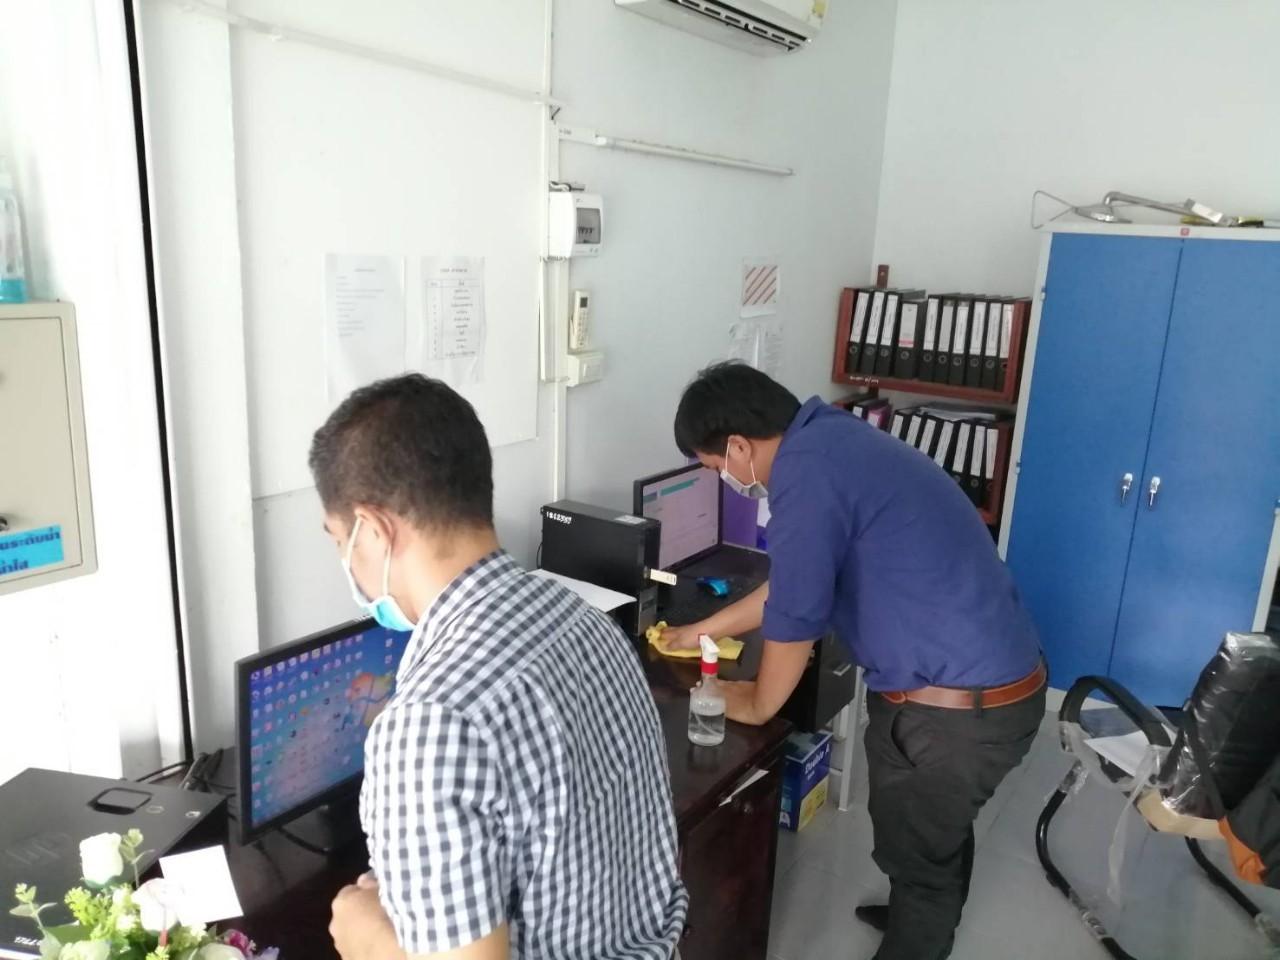 กปภ.สาขาตราด จัดกิจกรรม Big Cleaning Day ครั้งที่ 6/2563 ทำความสะอาดภายในโรงปฏิบัติการสถานีผลิตน้ำปลายคลอง 2เพื่